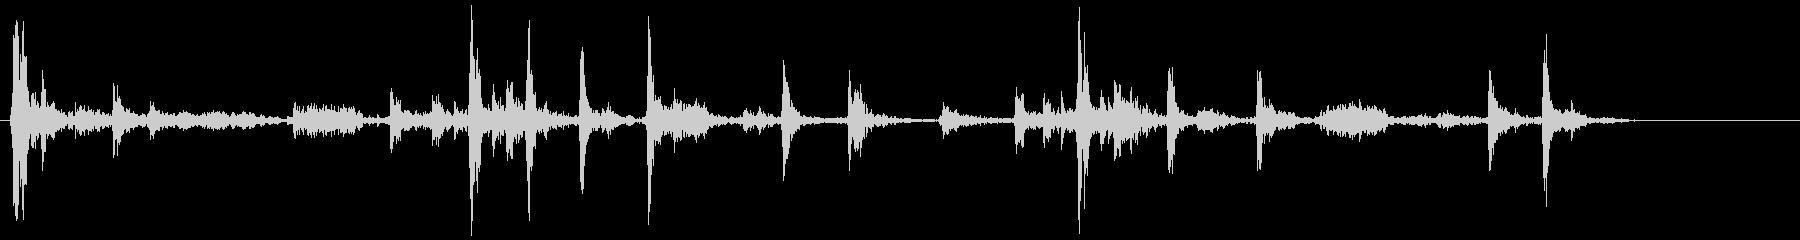 プリンター 駆動音(起動時など)の未再生の波形